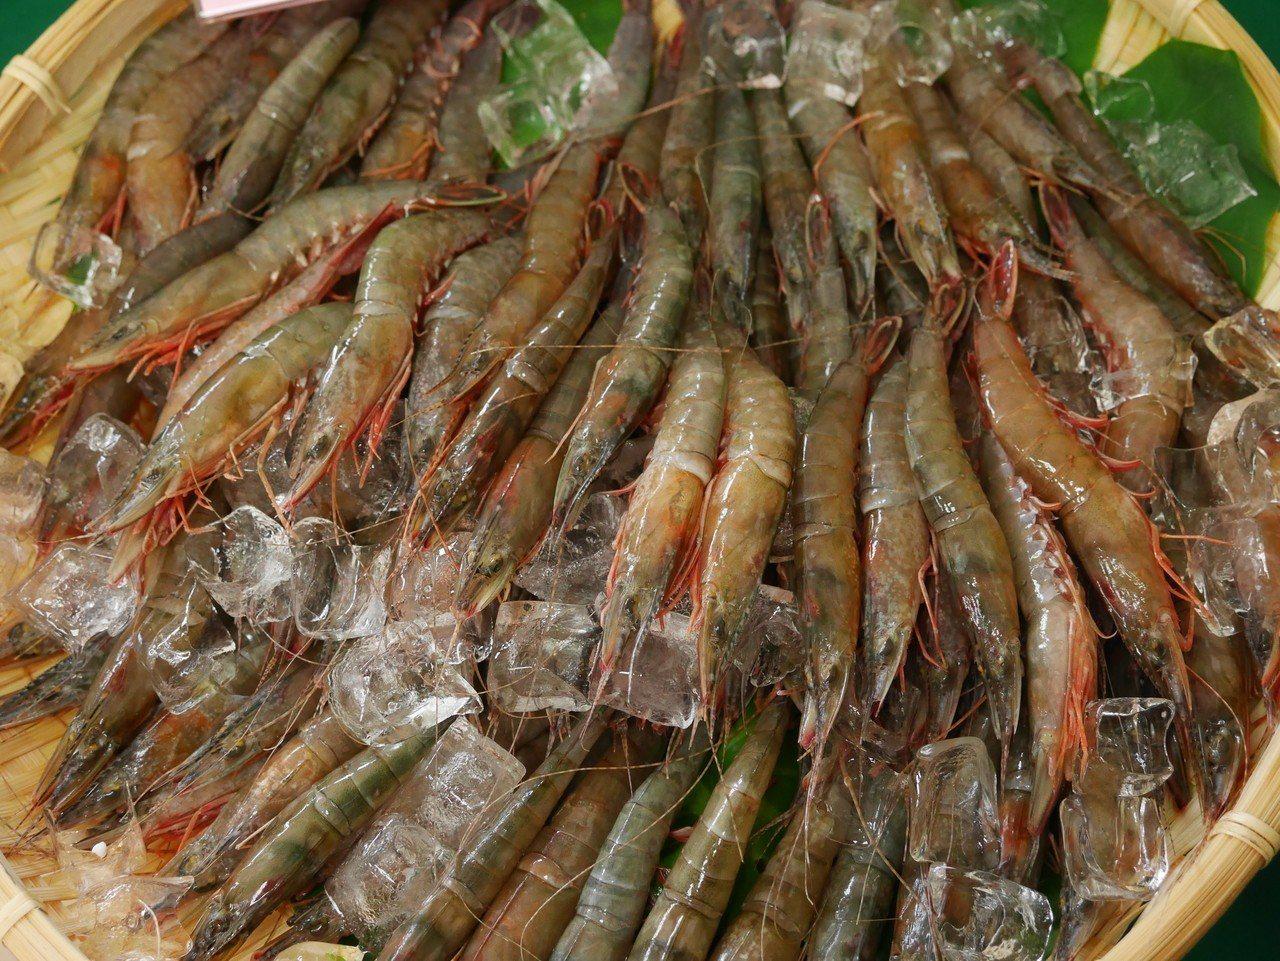 陳傳文說,劍蝦有它特別的甜味,肉質Q彈,不是養殖的白蝦可取代。記者吳淑君/攝影